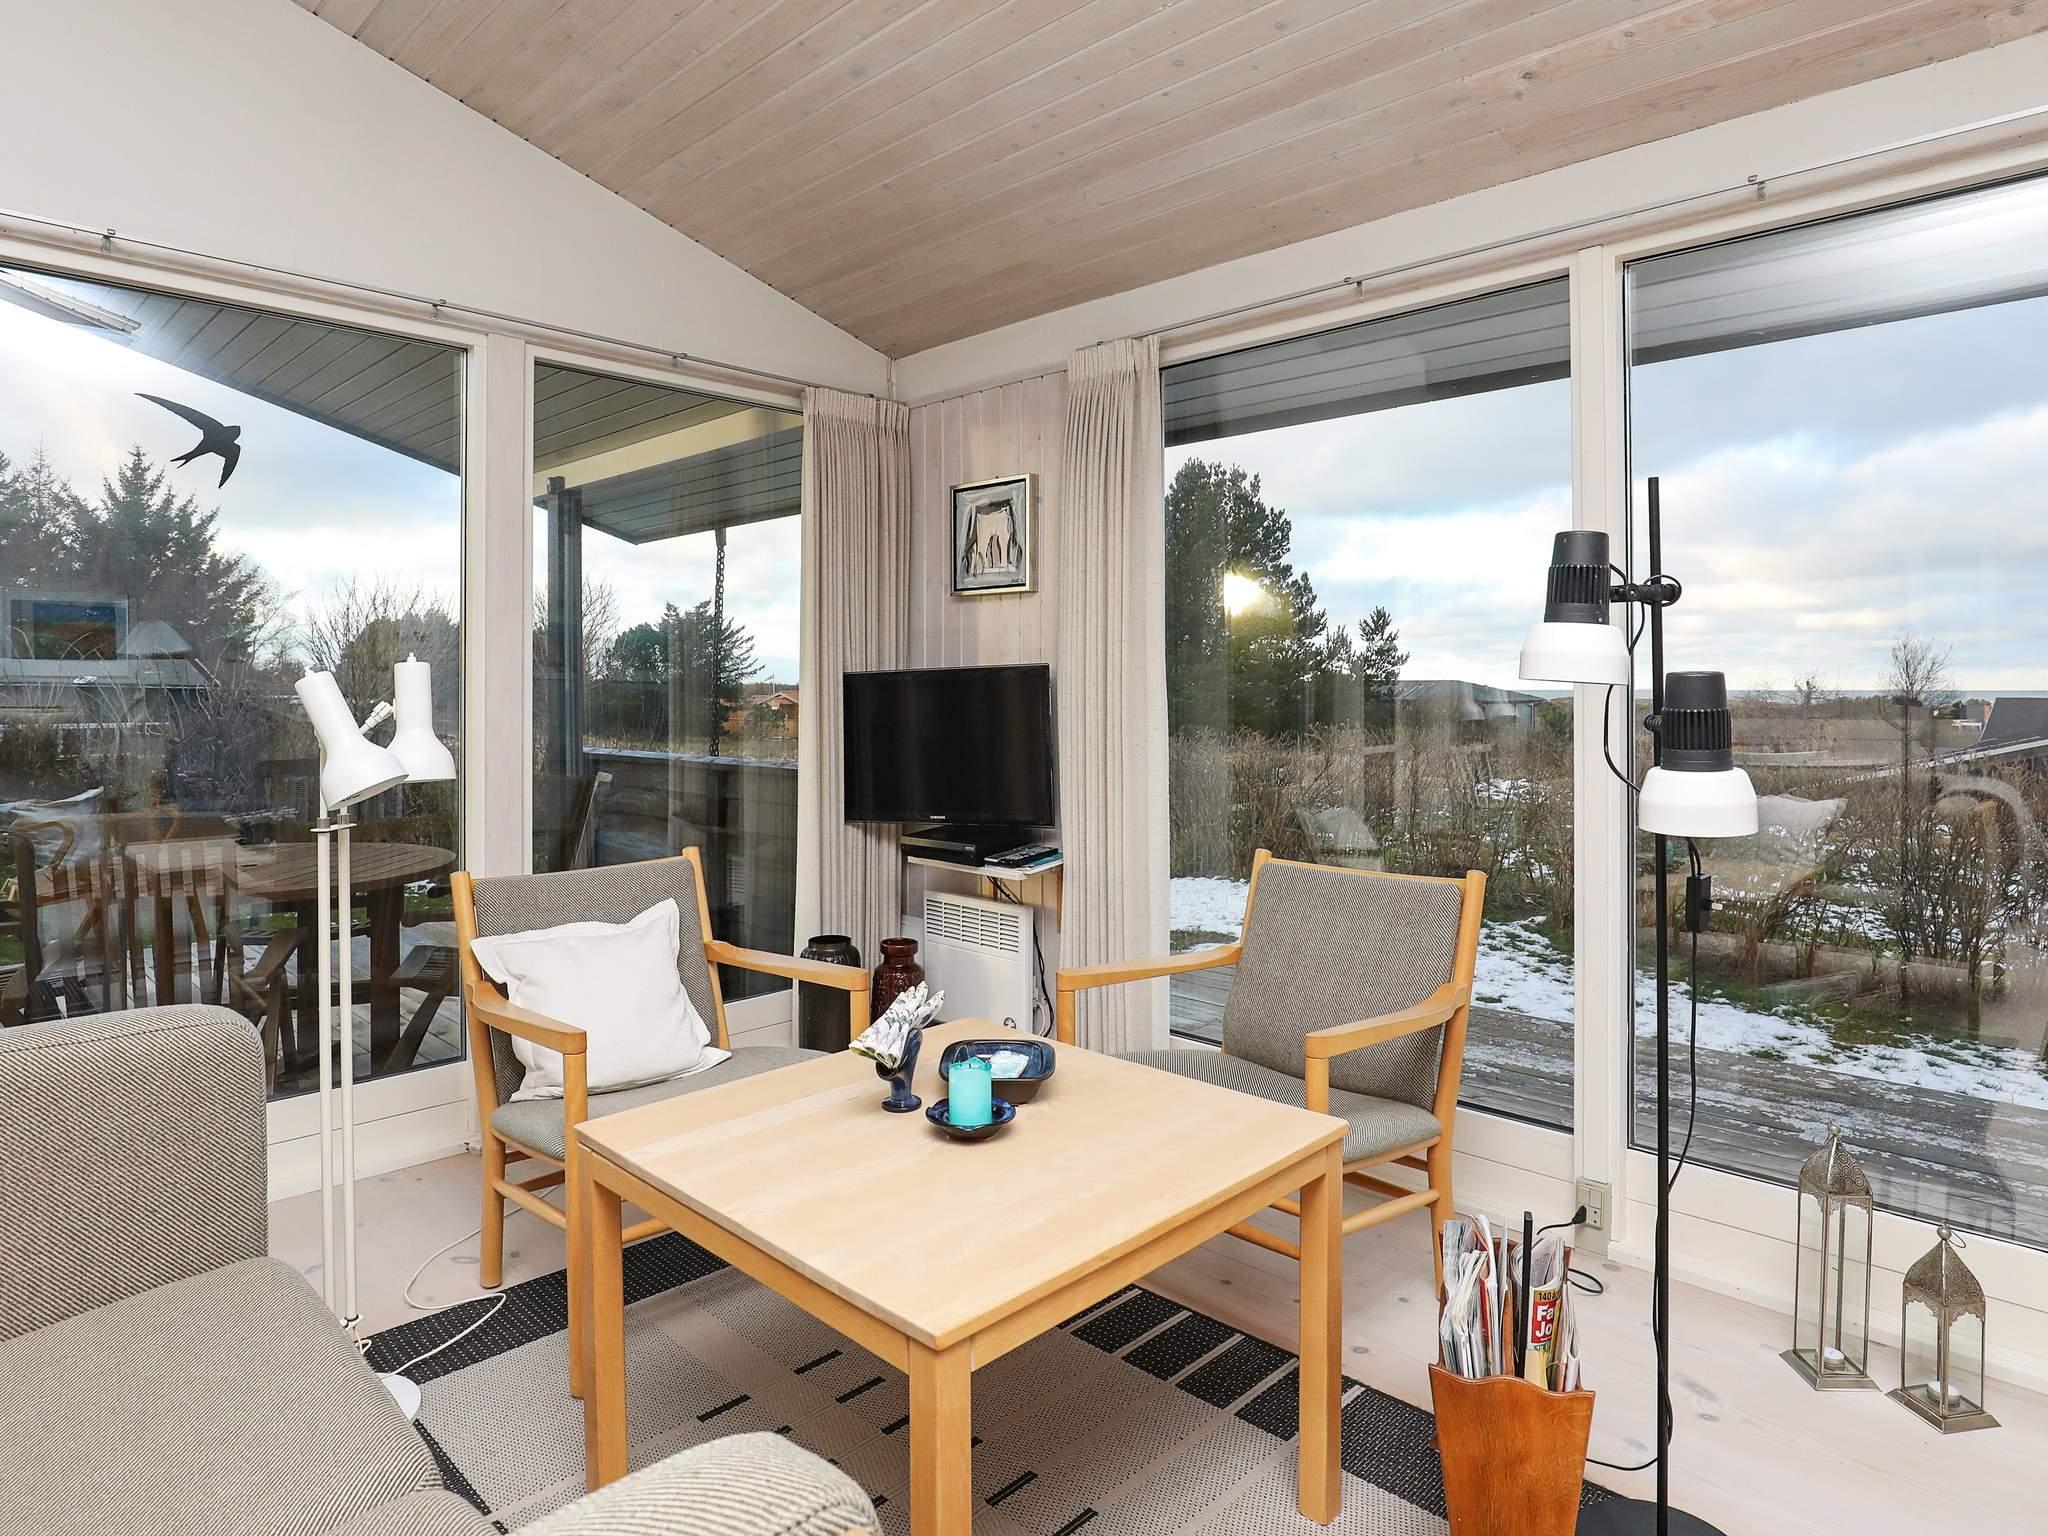 Ferienhaus Kjul Strand (2355118), Hirtshals, , Nordwestjütland, Dänemark, Bild 6